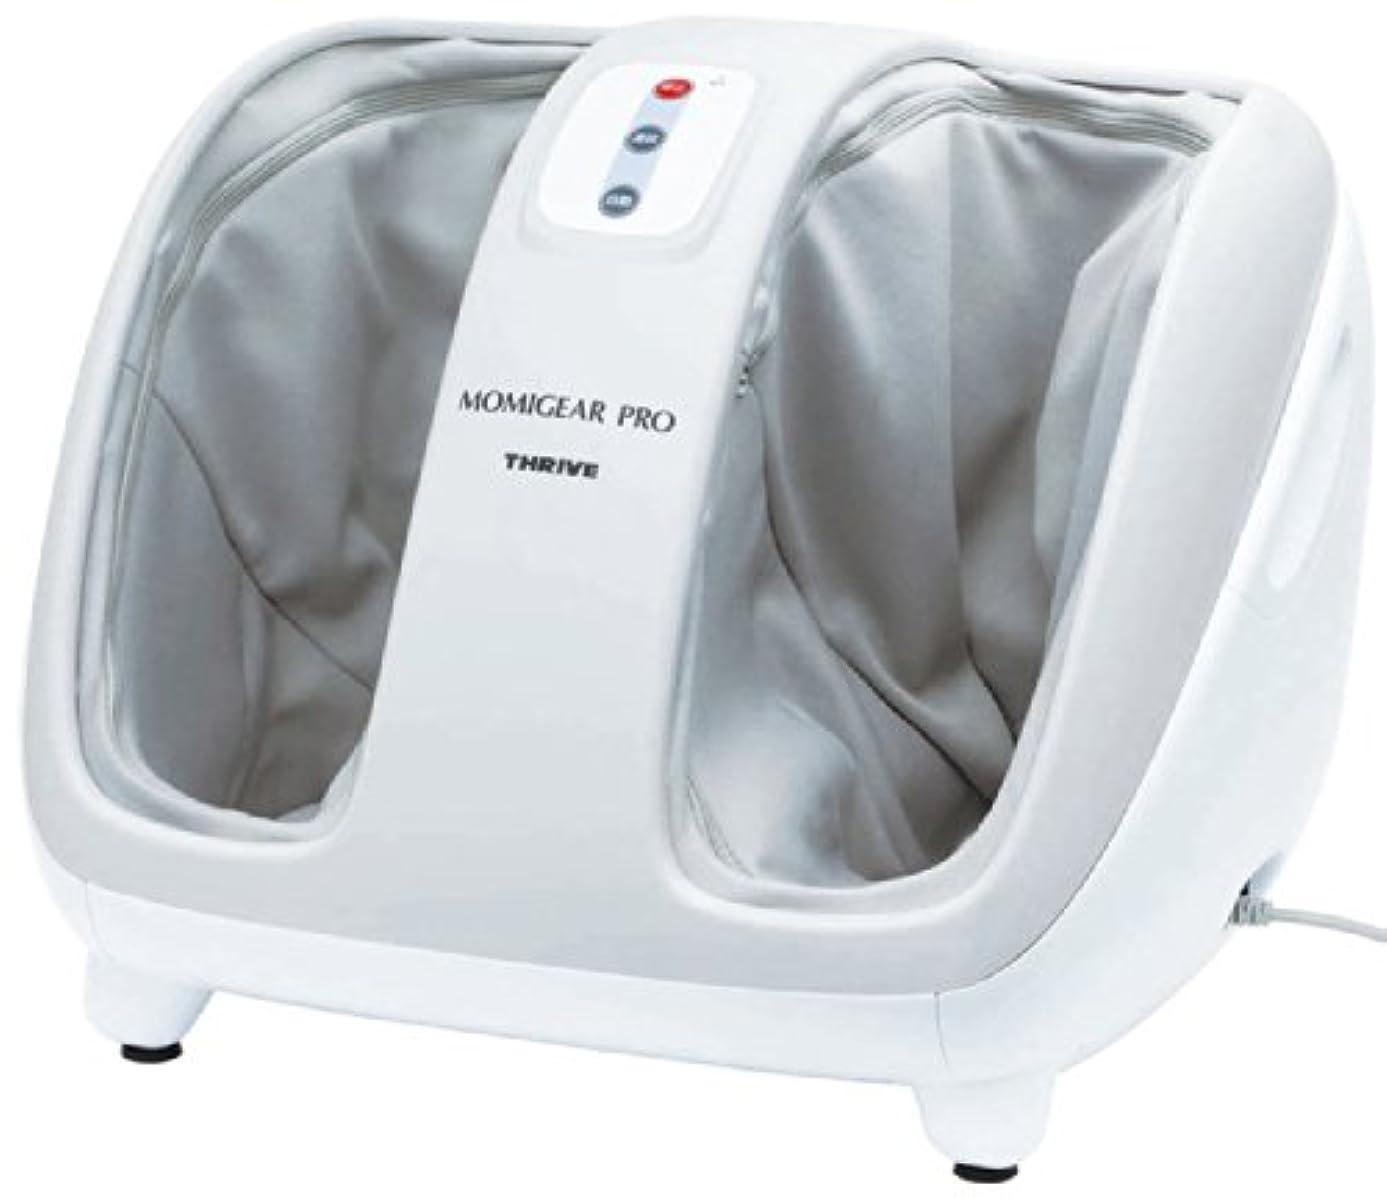 アルネクリックカルシウムスライヴ 「横に寝かせて使用可能」 フットマッサージャー 【もみギア プロ】 ホワイト MD-6102(W)